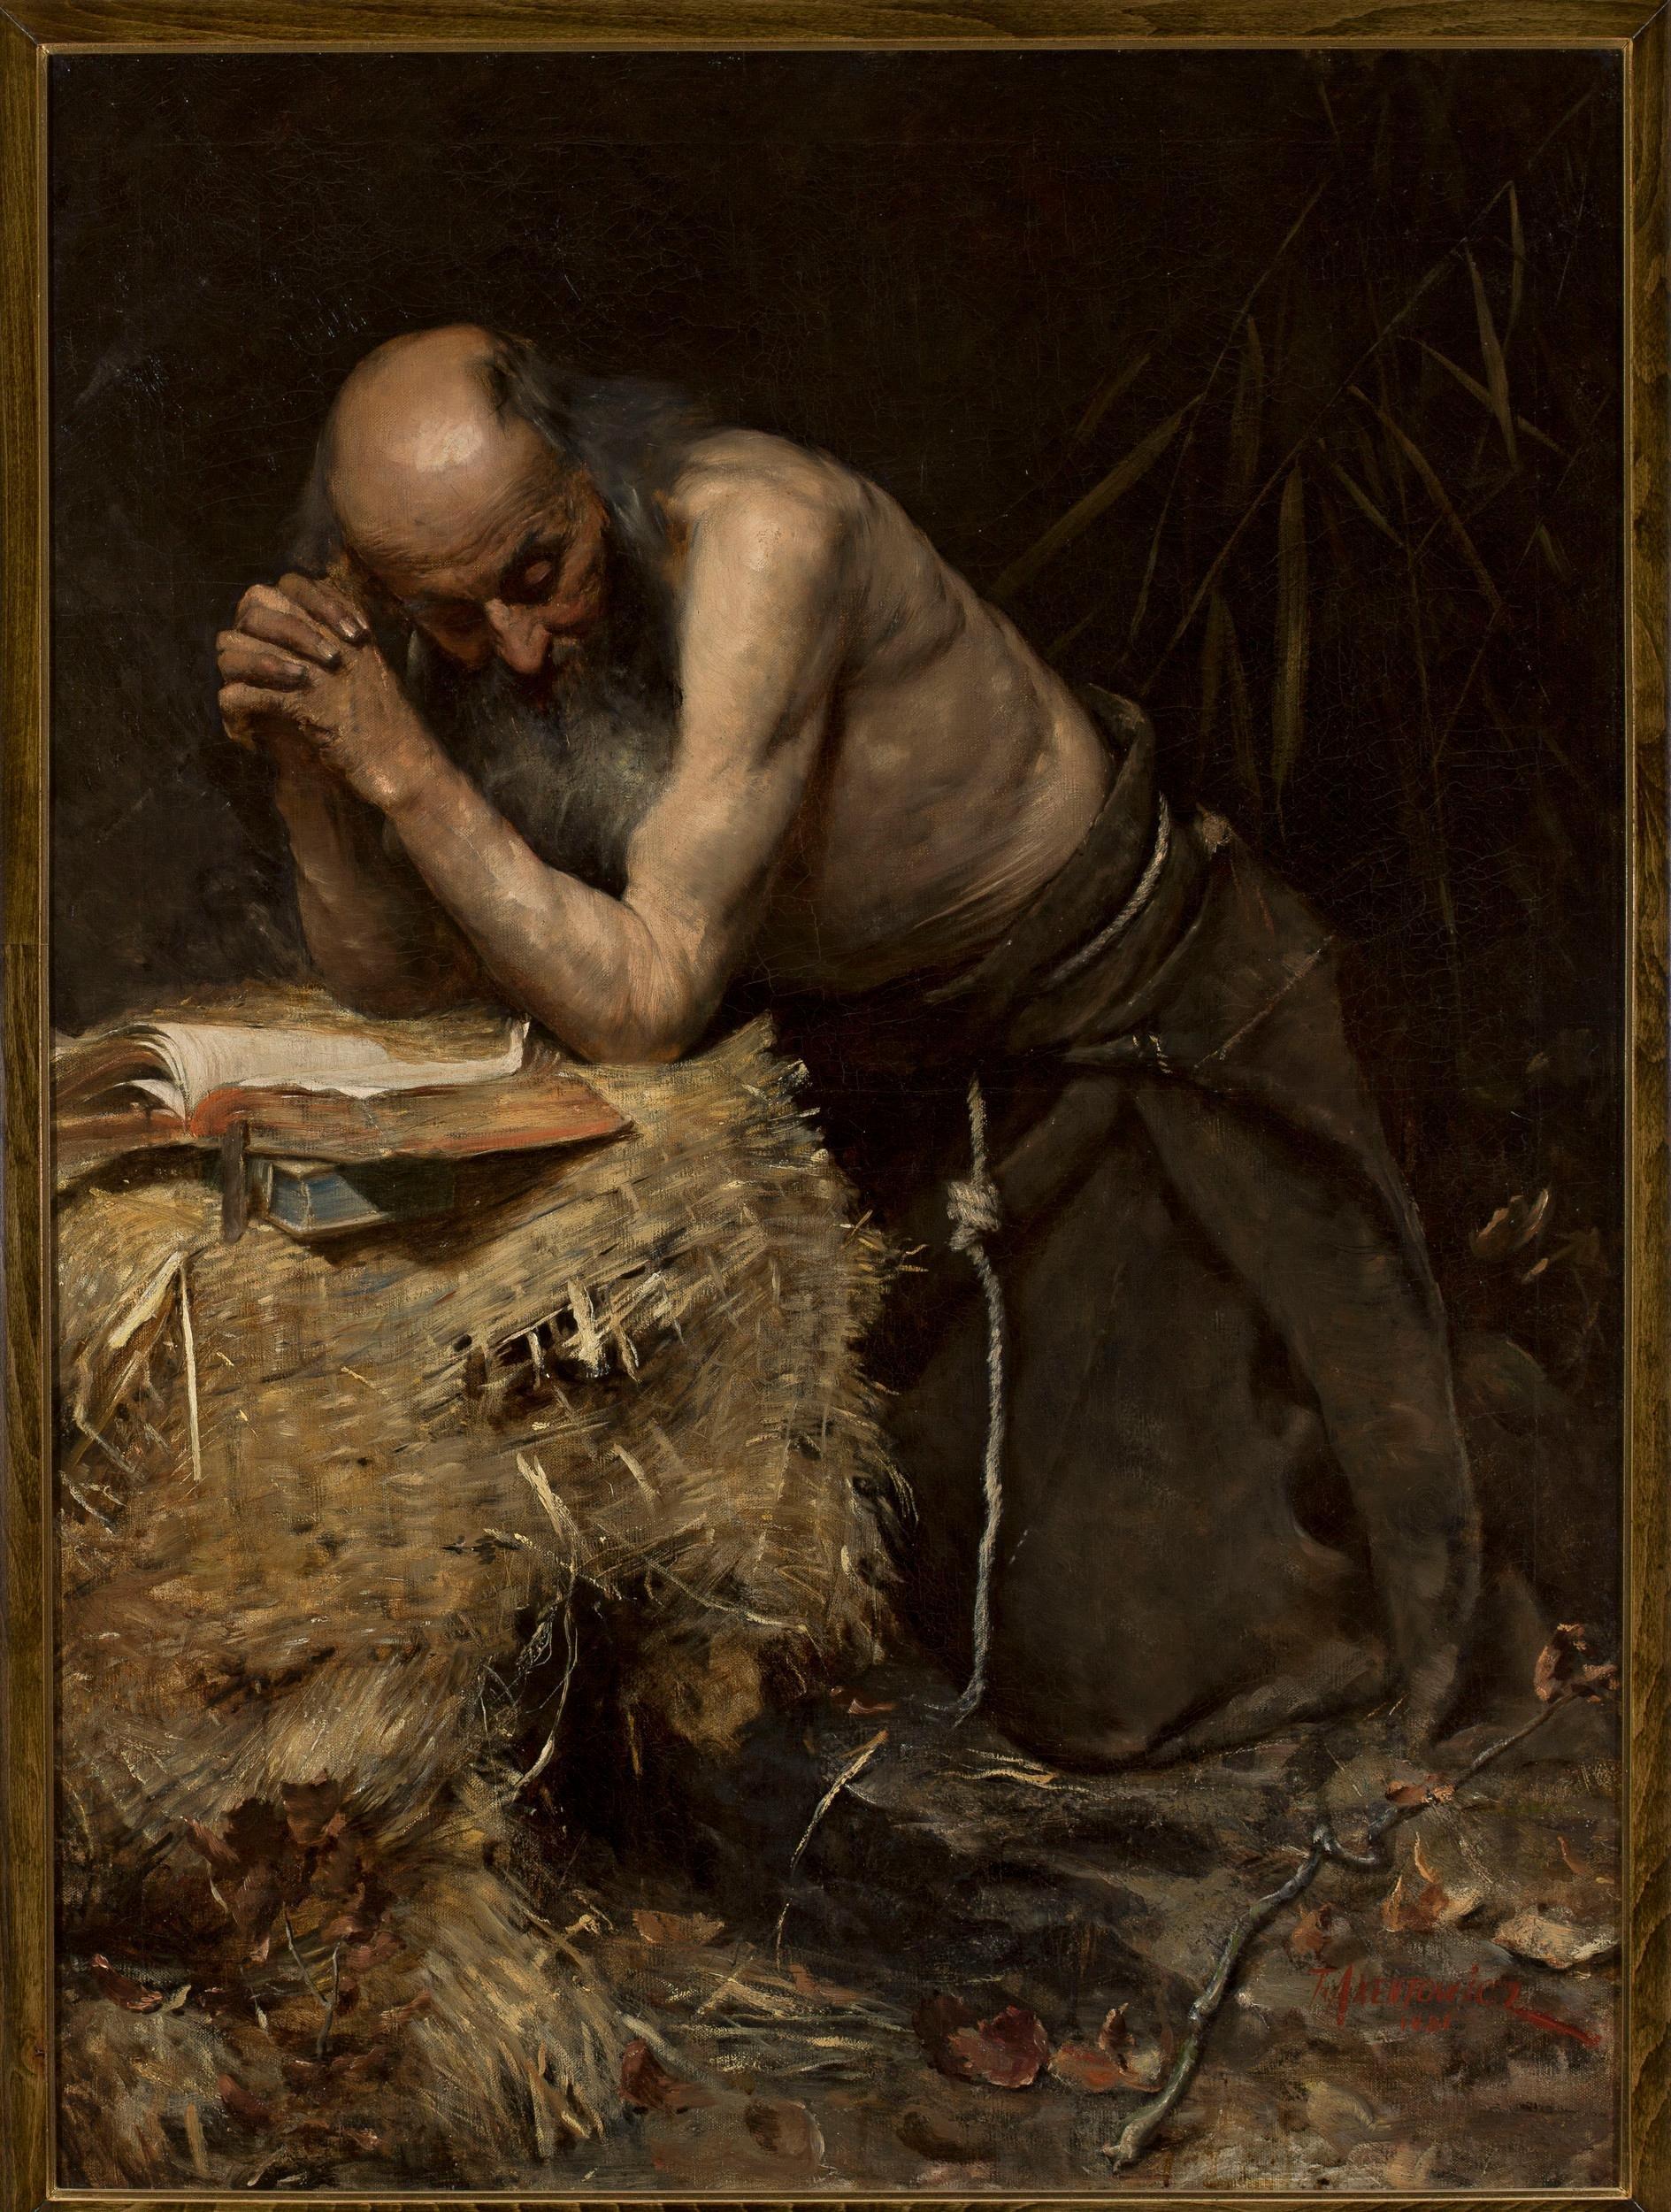 """CATECHISMO DELLA DOTTRINA CRISTIANA; Parte IV; CAPO VI: """"Della Penitenza (o Confessione); 9. Della soddisfazione, ossia penitenza"""